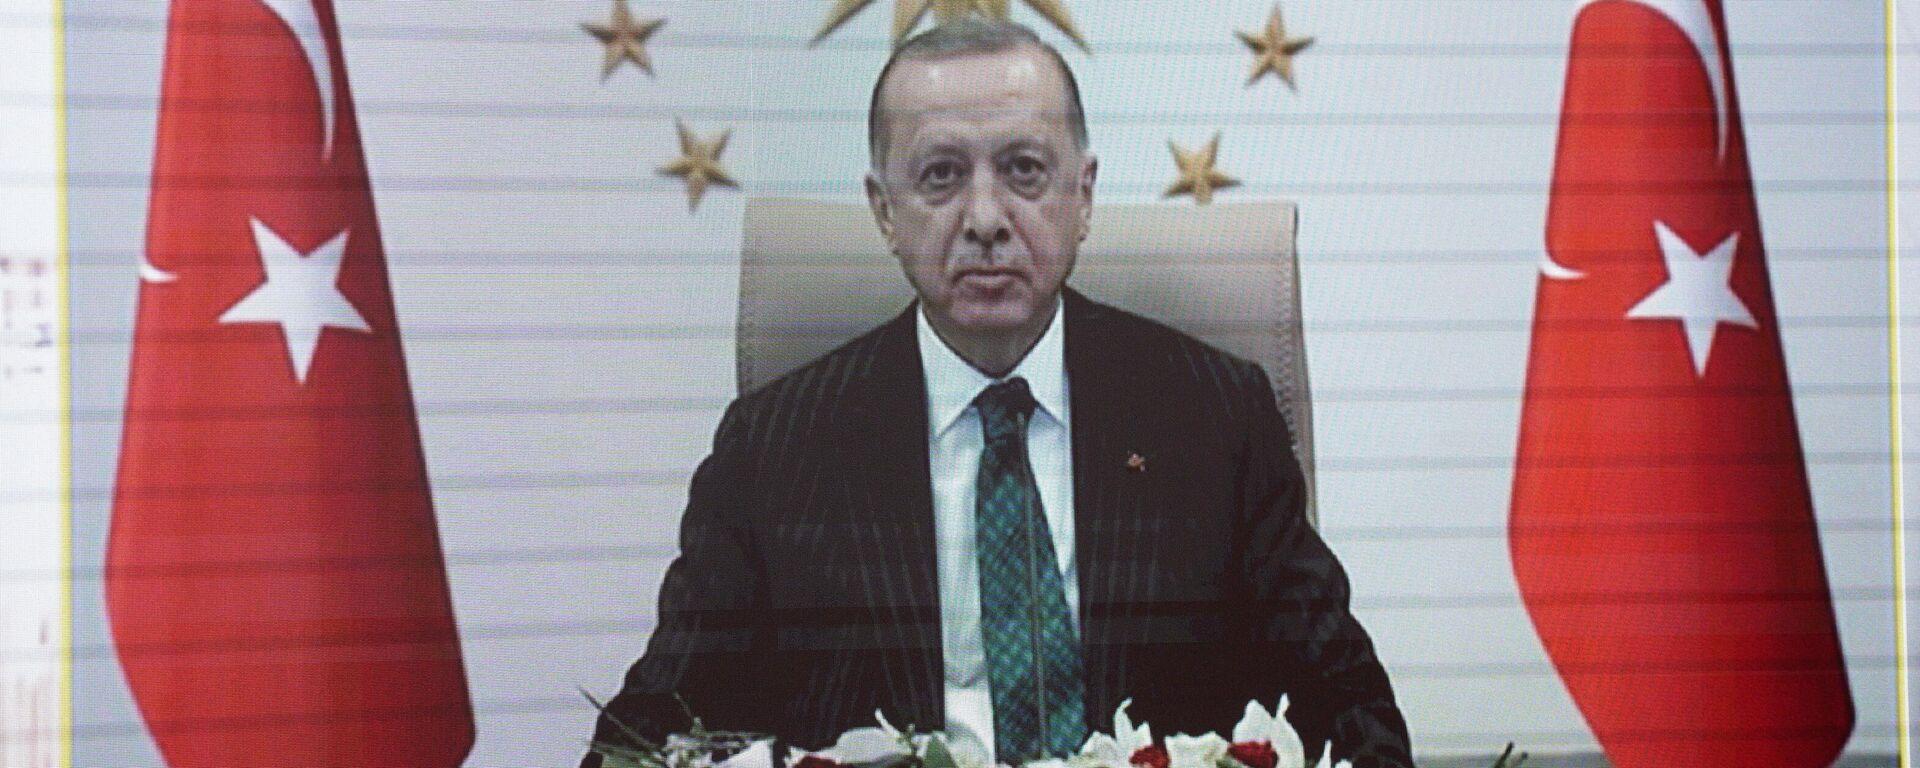 Президент Турции Р. Т. Эрдоган - Sputnik Узбекистан, 1920, 07.04.2021